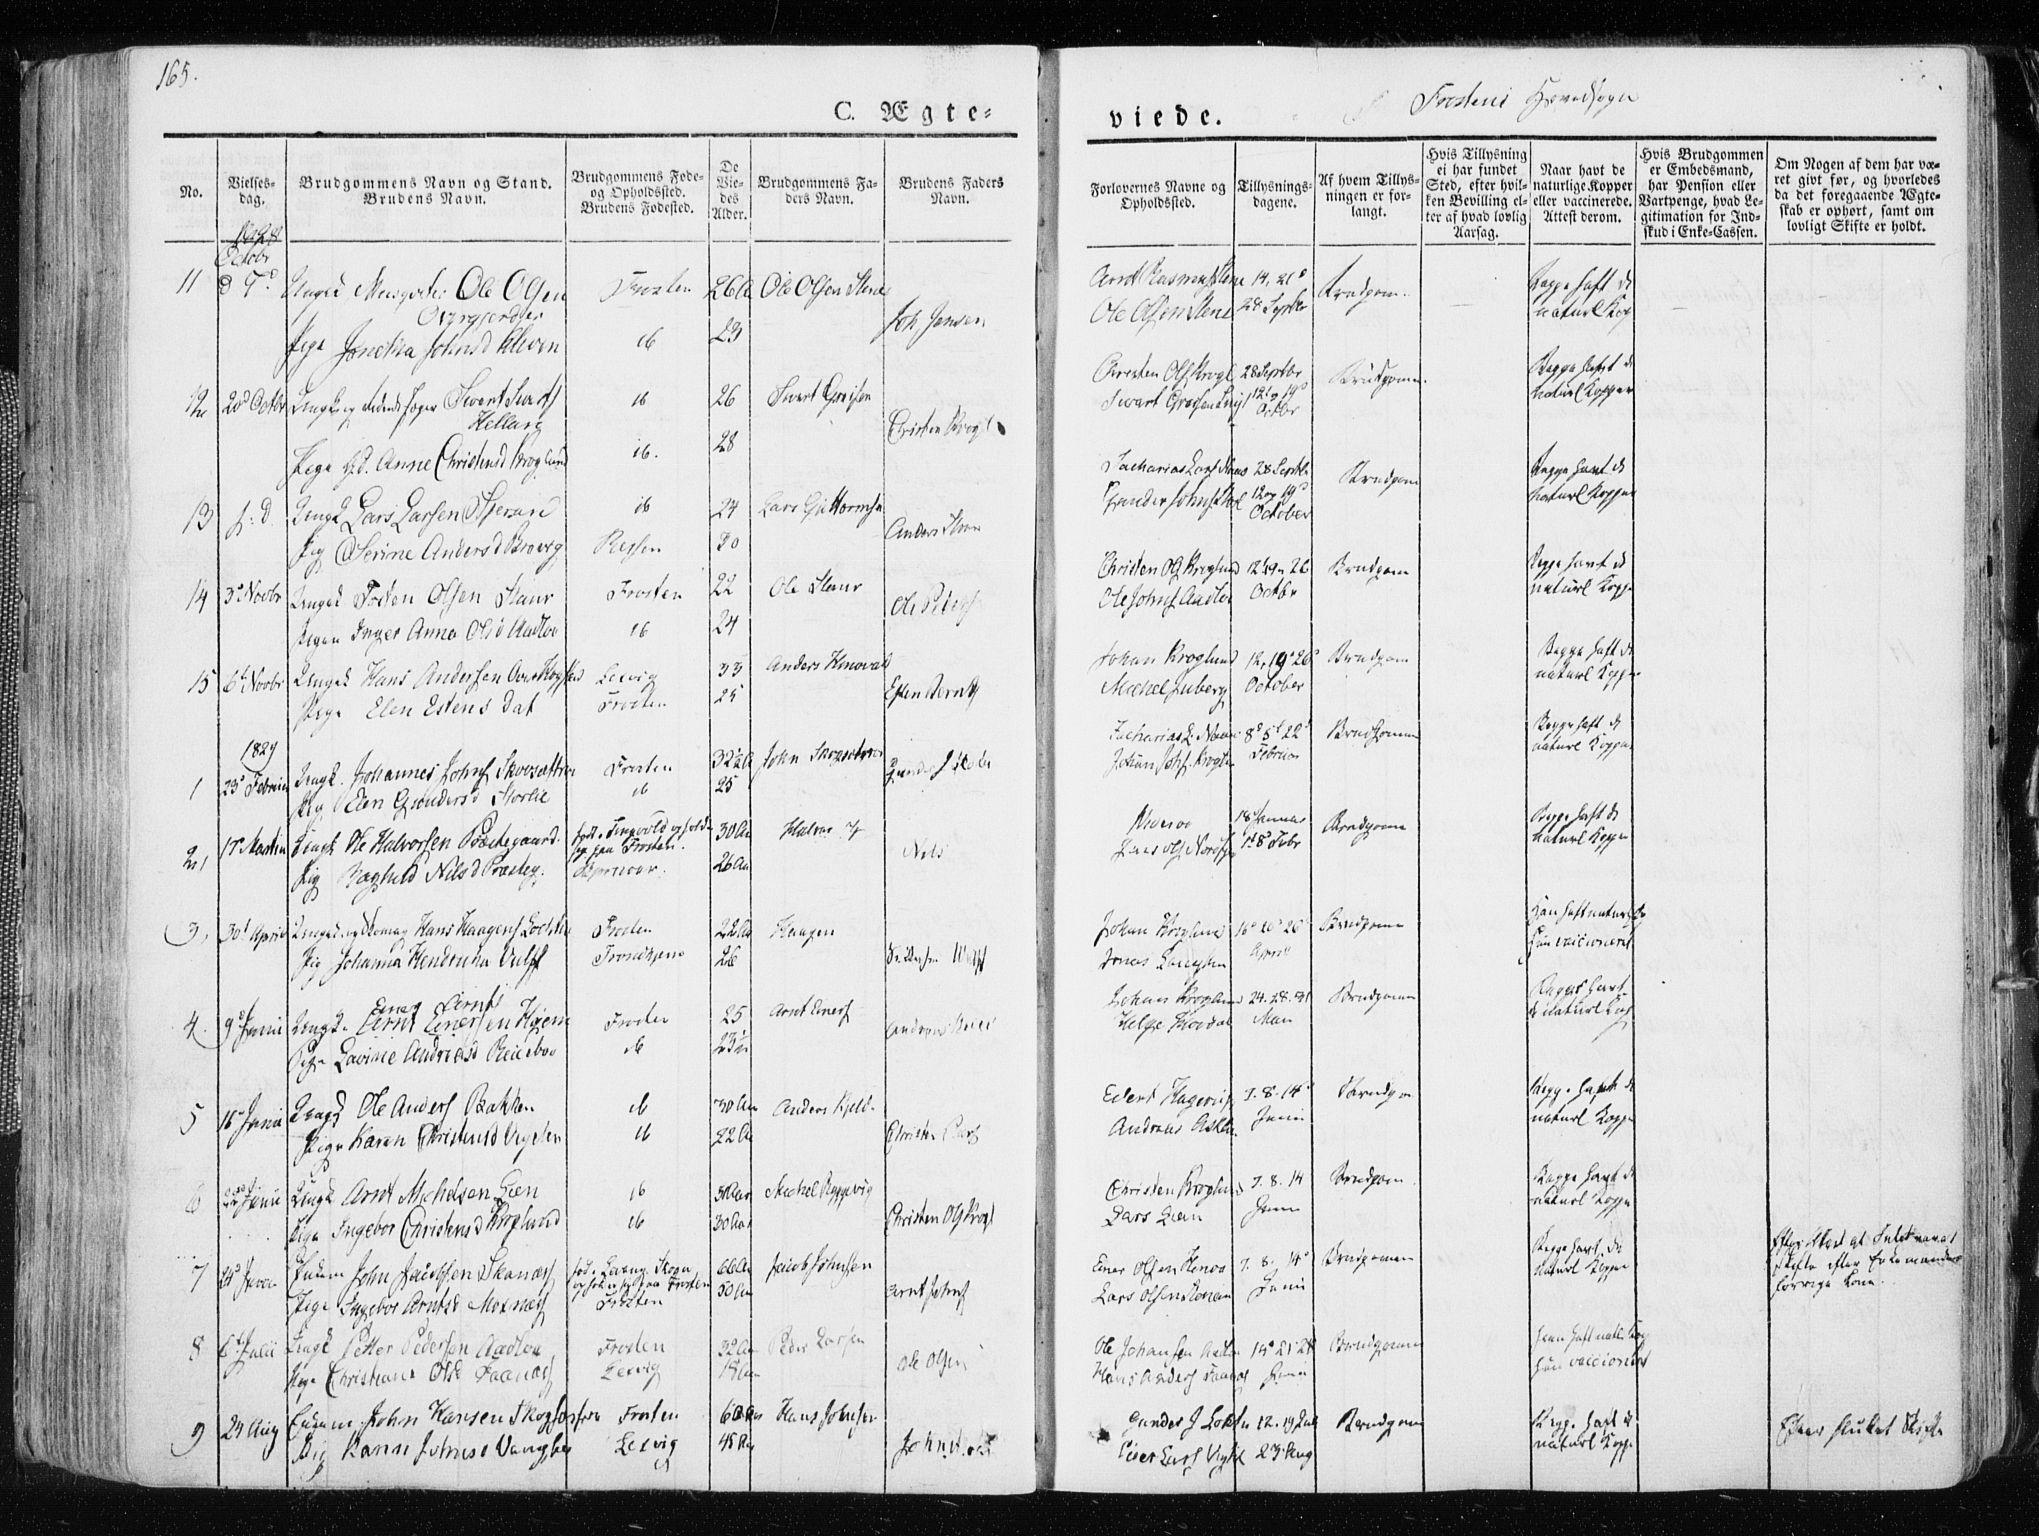 SAT, Ministerialprotokoller, klokkerbøker og fødselsregistre - Nord-Trøndelag, 713/L0114: Ministerialbok nr. 713A05, 1827-1839, s. 165